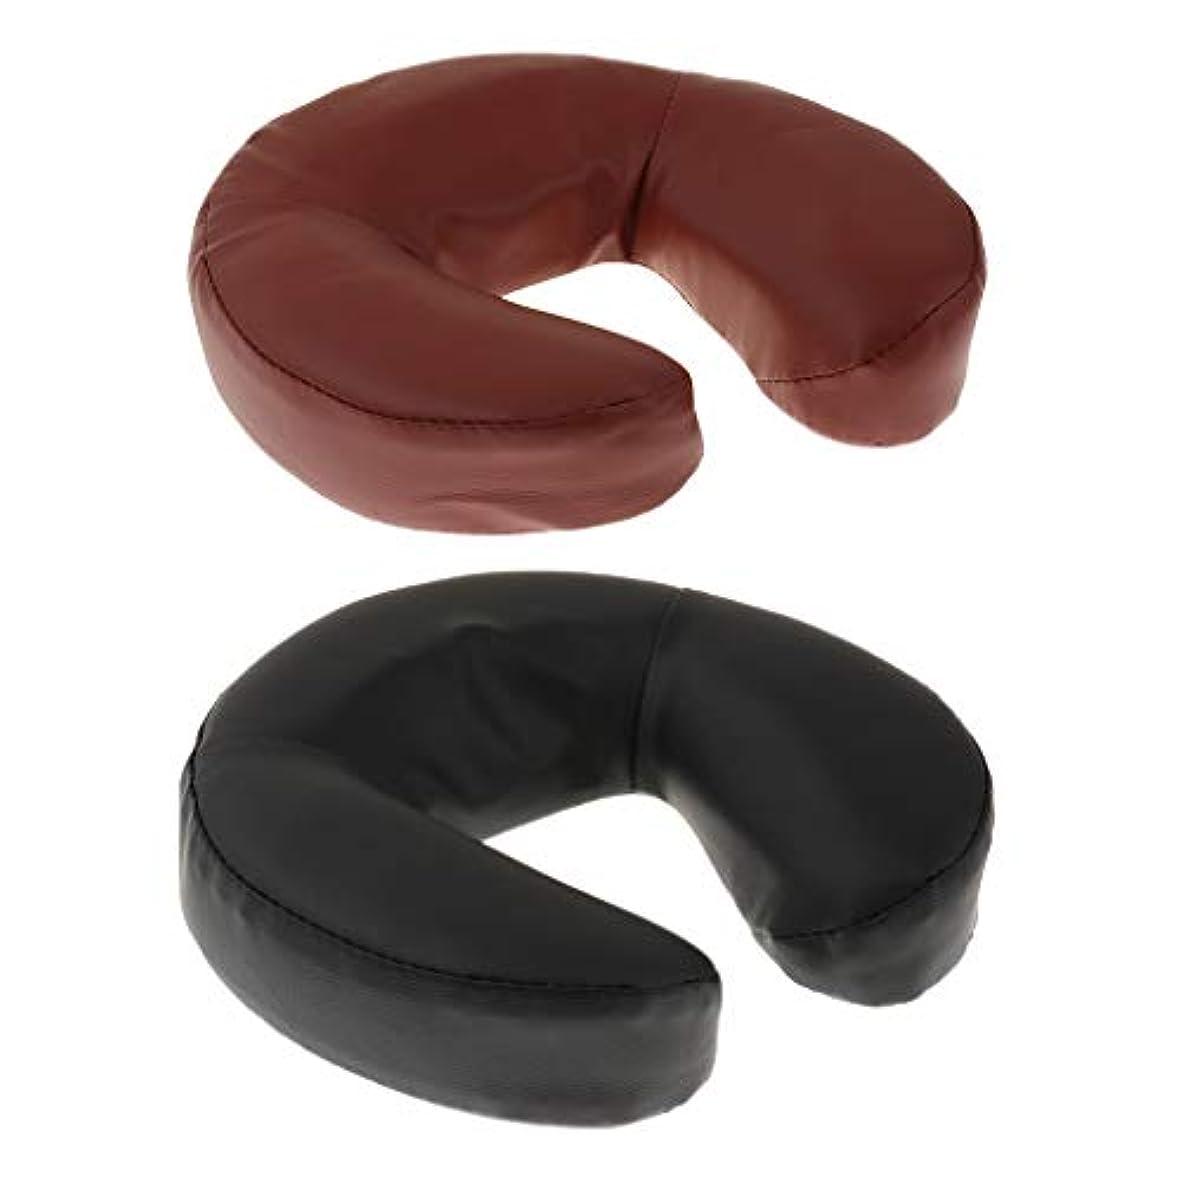 道を作る中絶乱気流dailymall スパサロンの2ピースコンフォートマッサージテーブルベッドフェイスダウンクレードルクッション枕